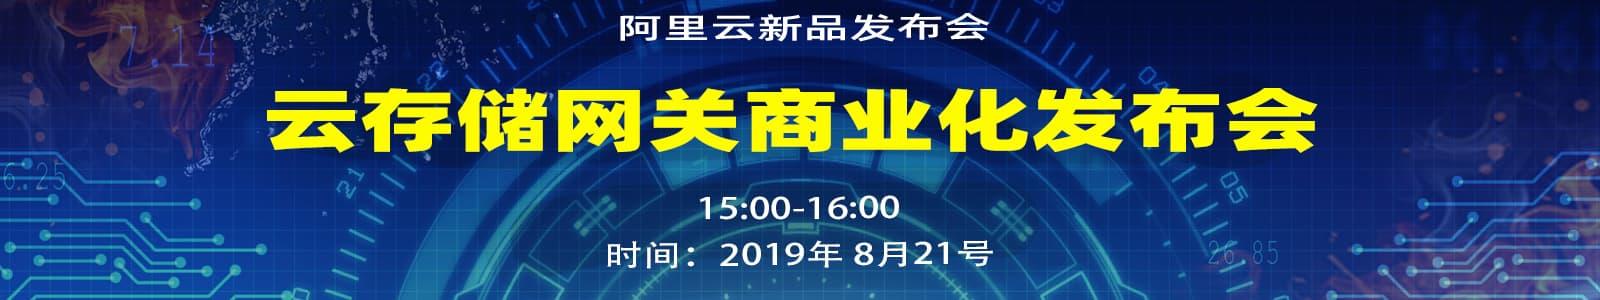 阿里云新品发布会第70期:云存储网关商业化发布会